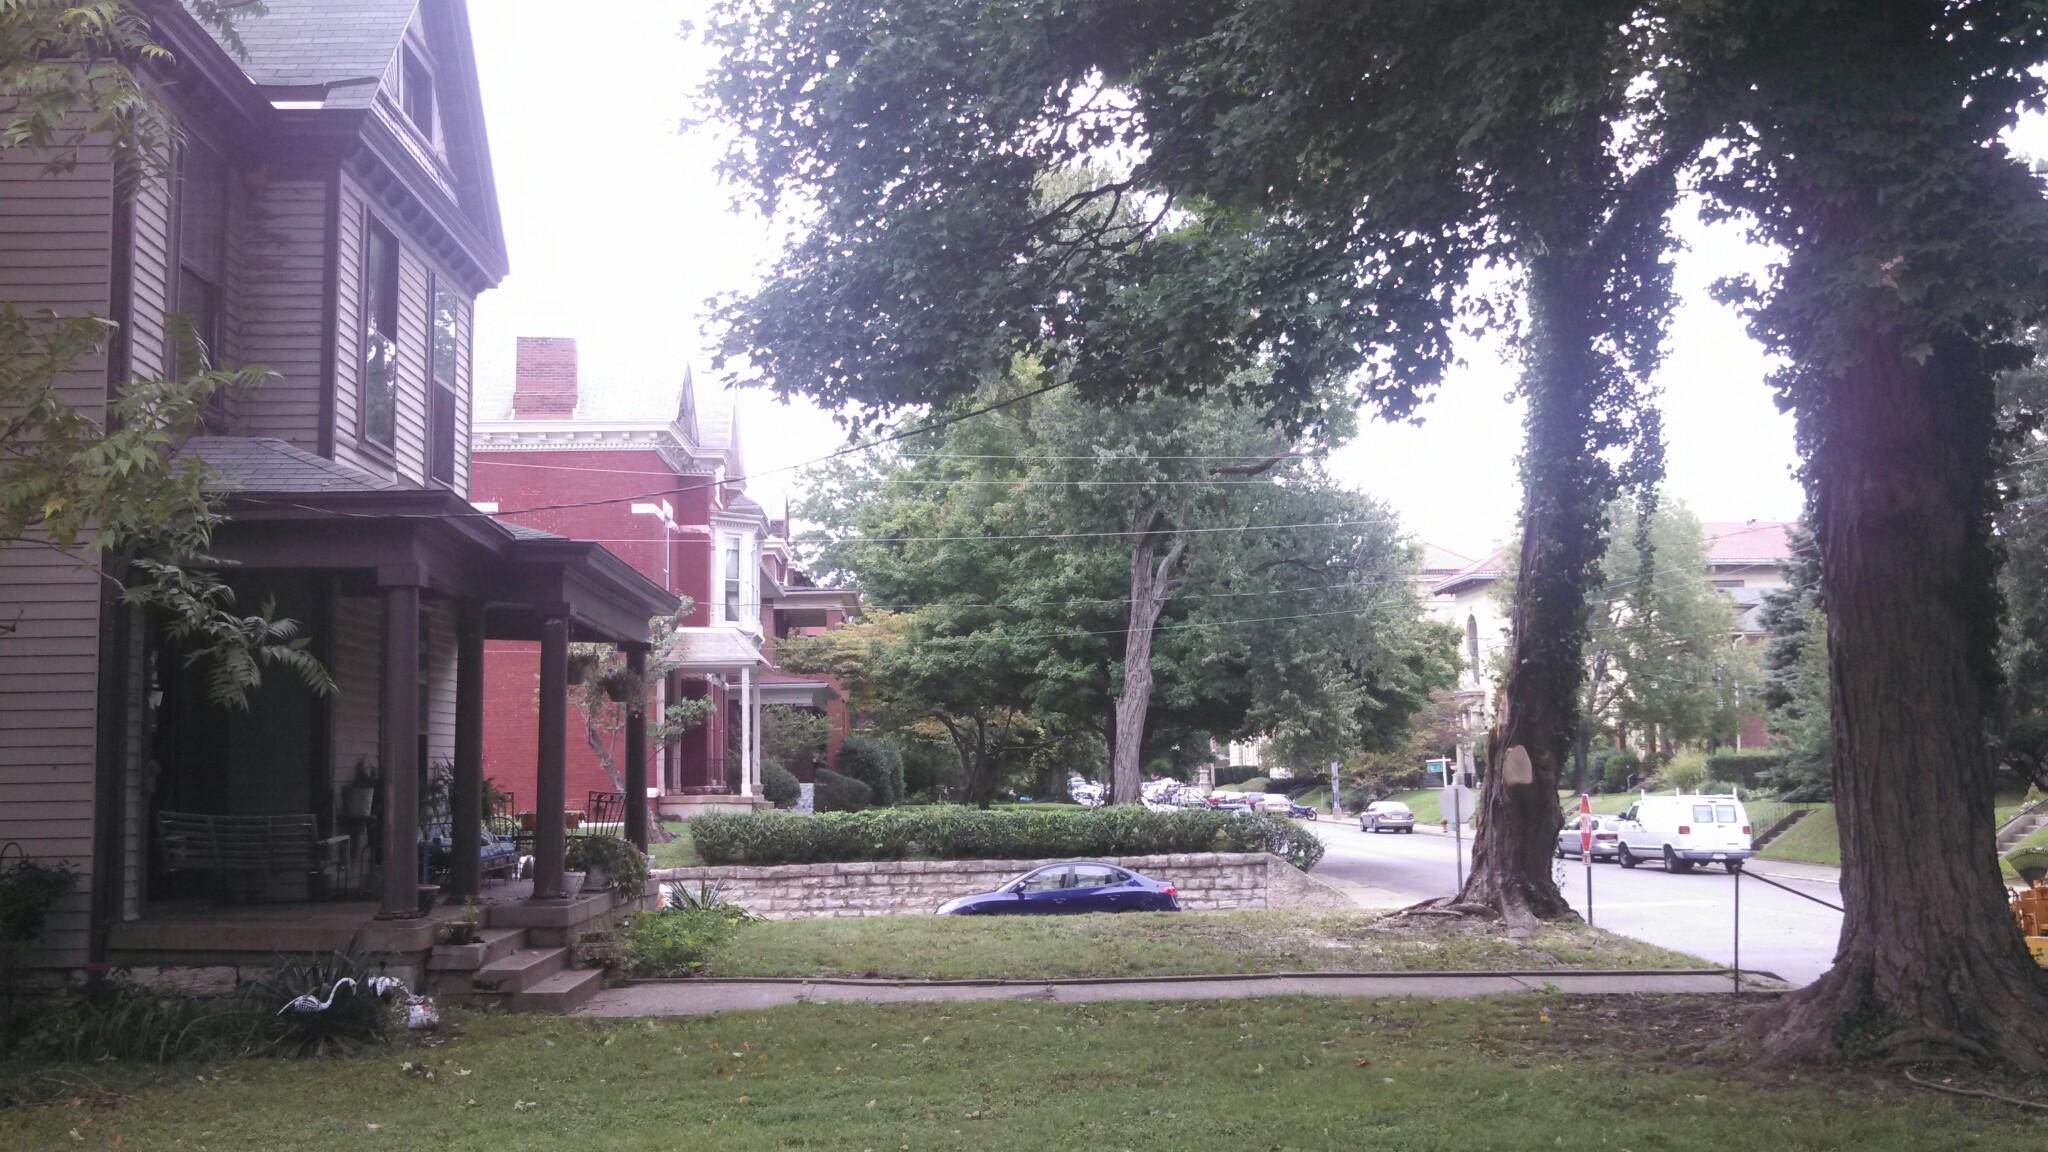 Clean yard